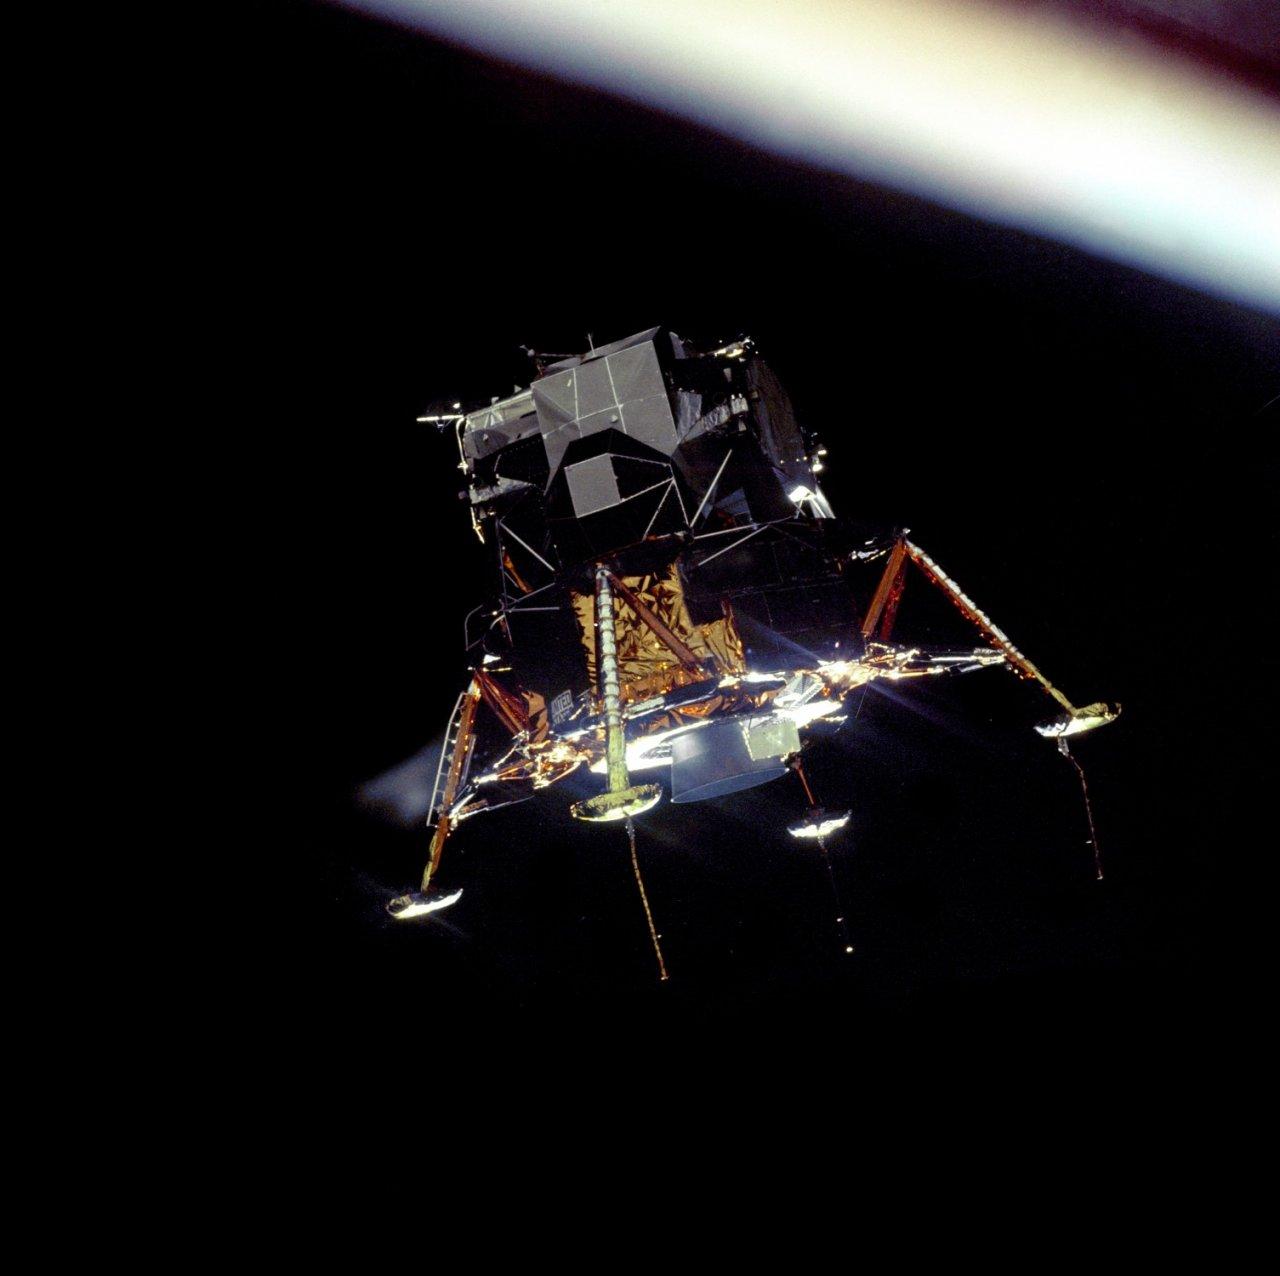 Misja Apollo 11 - lądowanie człowieka na Księżycu 39